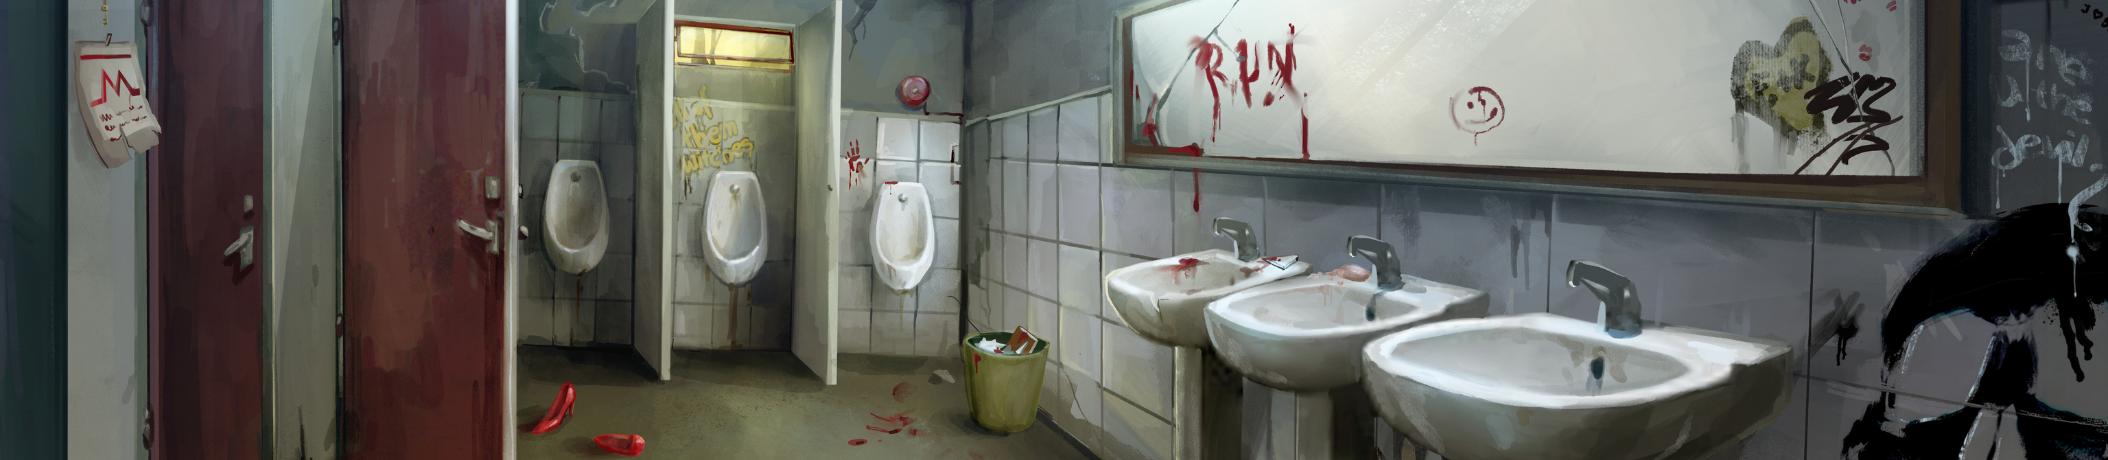 tlo wc